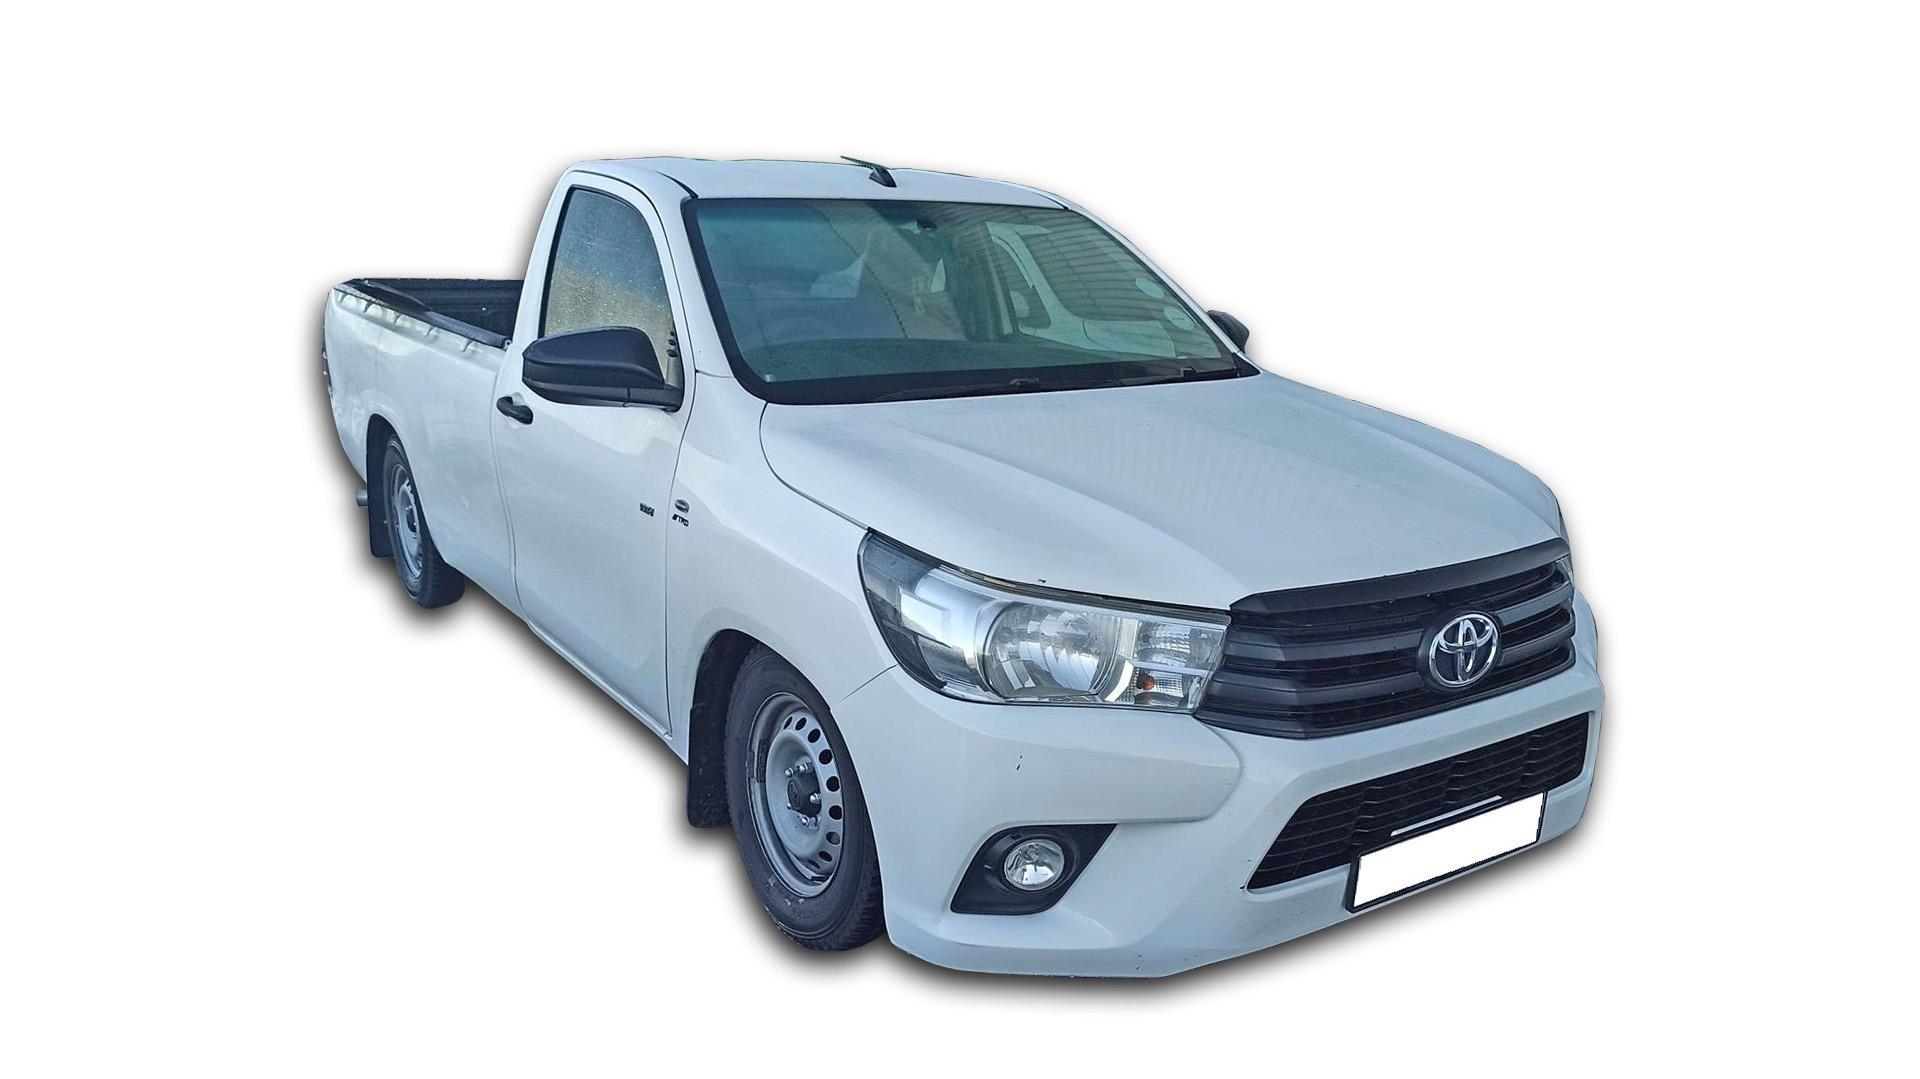 Toyota Hilux 2.0 Vvti A/C P/U